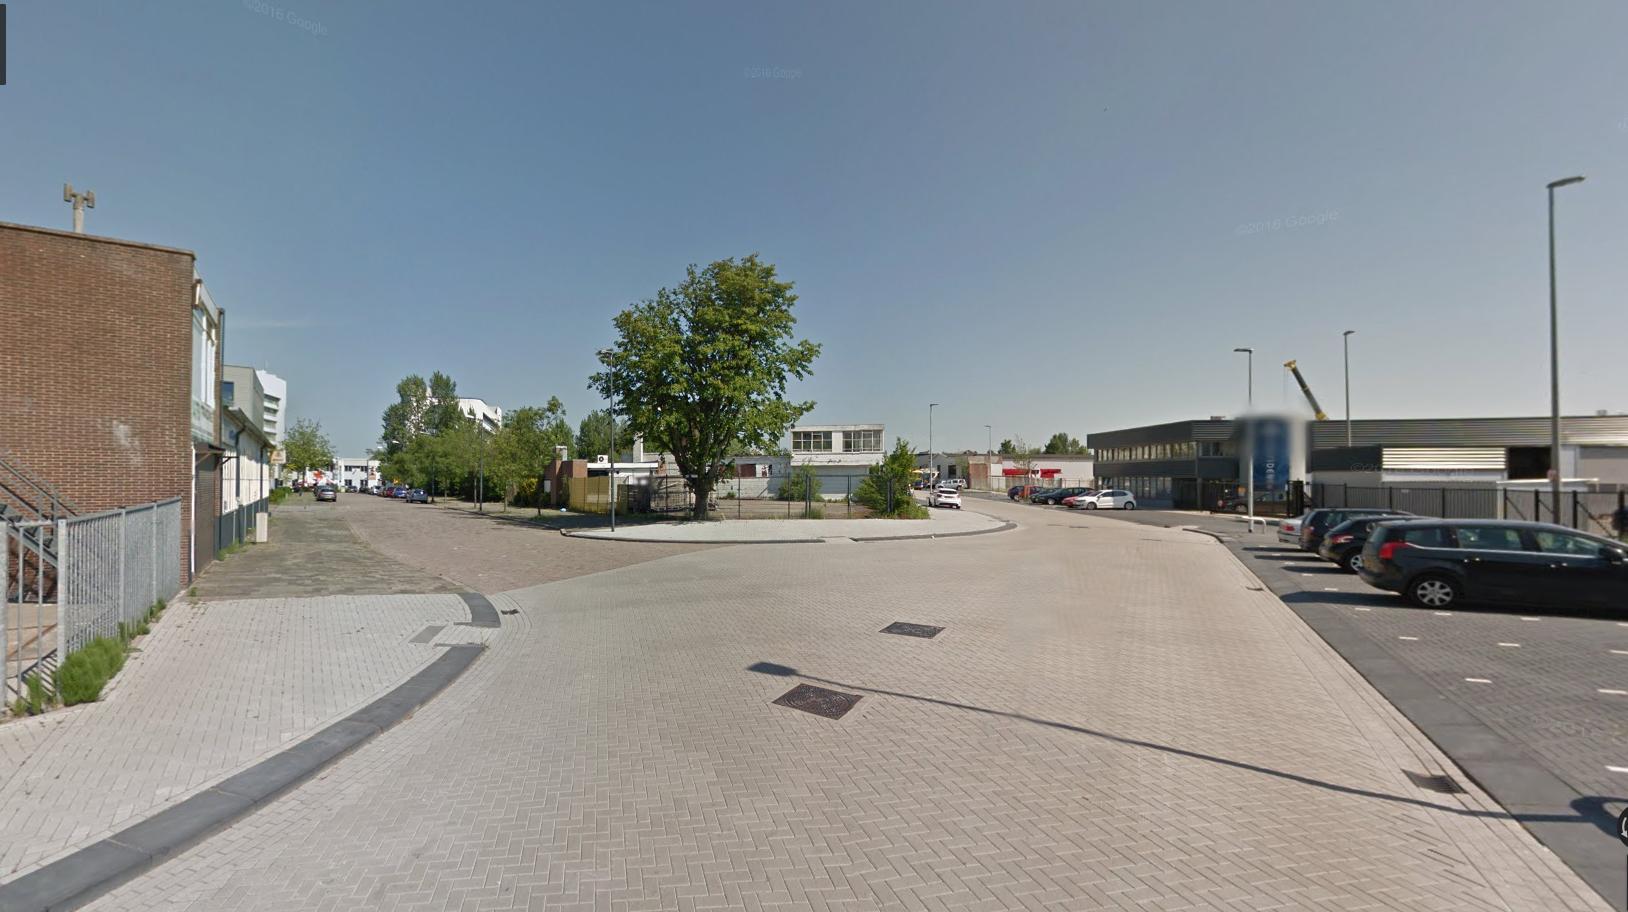 Schiedam Jan van Riebeeckweg nieuwe situatie 4